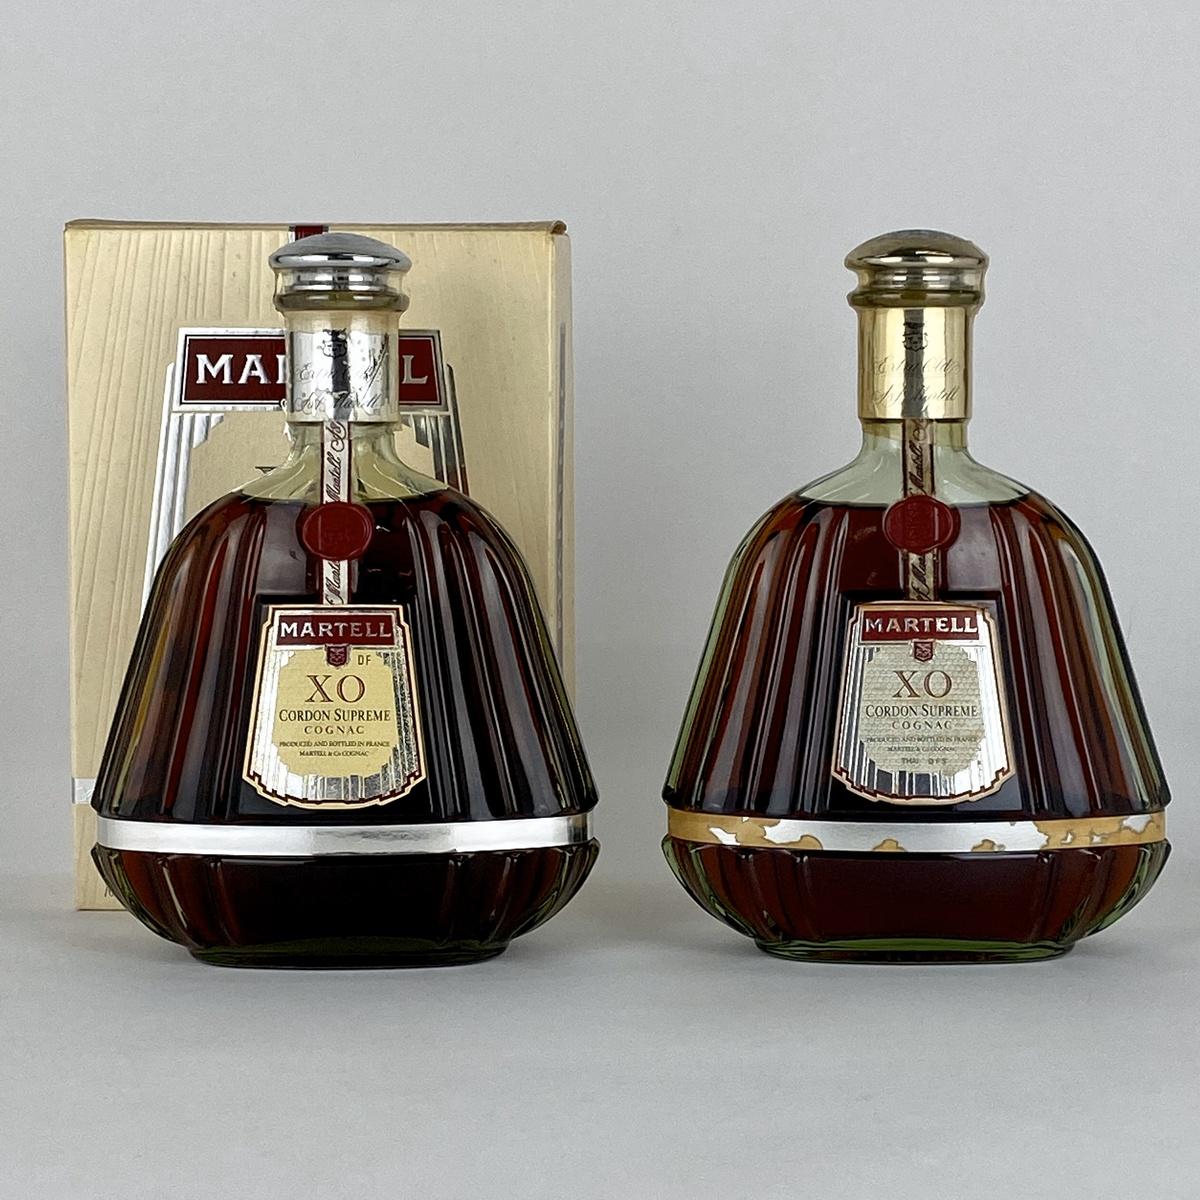 マーテル MARTELL XO コルドンスプリーム 2本 コニャック 700ml ブランデー セット 【古酒】